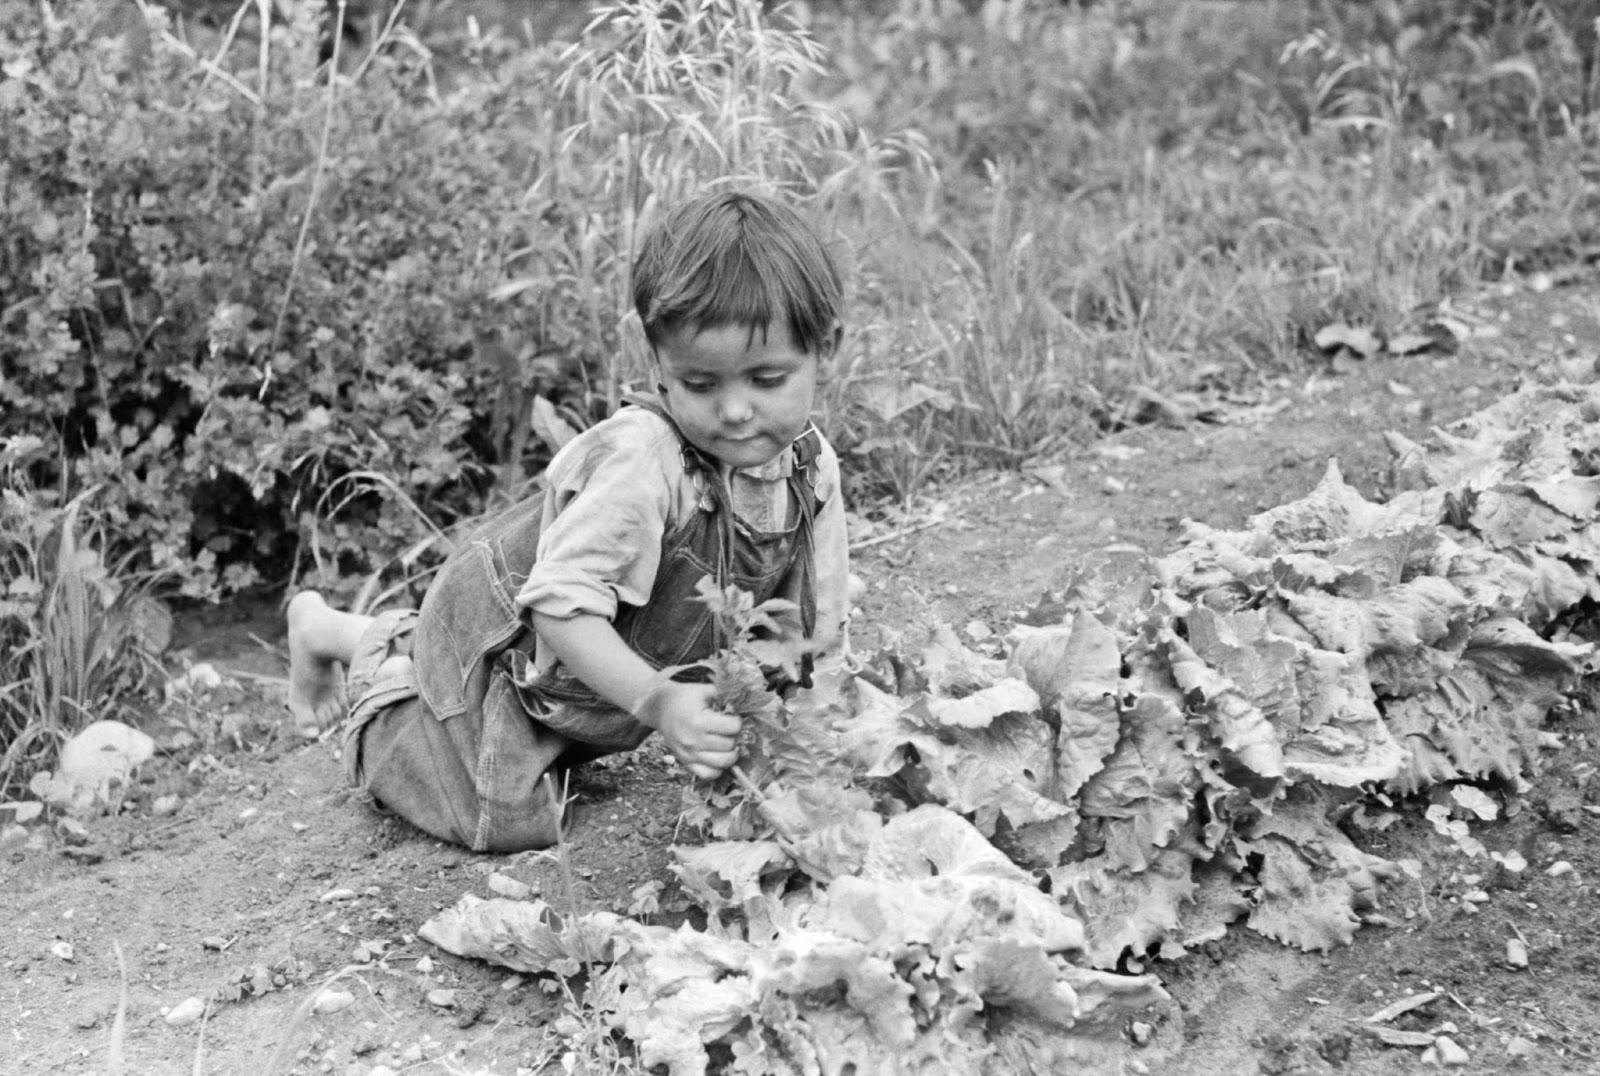 chamisal men Chamisals estate grown pinot noir er intens med opulente aromaer af sorte  kirsebær og blomme  i 1973 plantede chamisal som de første vinstokke i edna  valley,  email: info@osterbrovindk working days/hours: man - tors 9:00-17: 30.